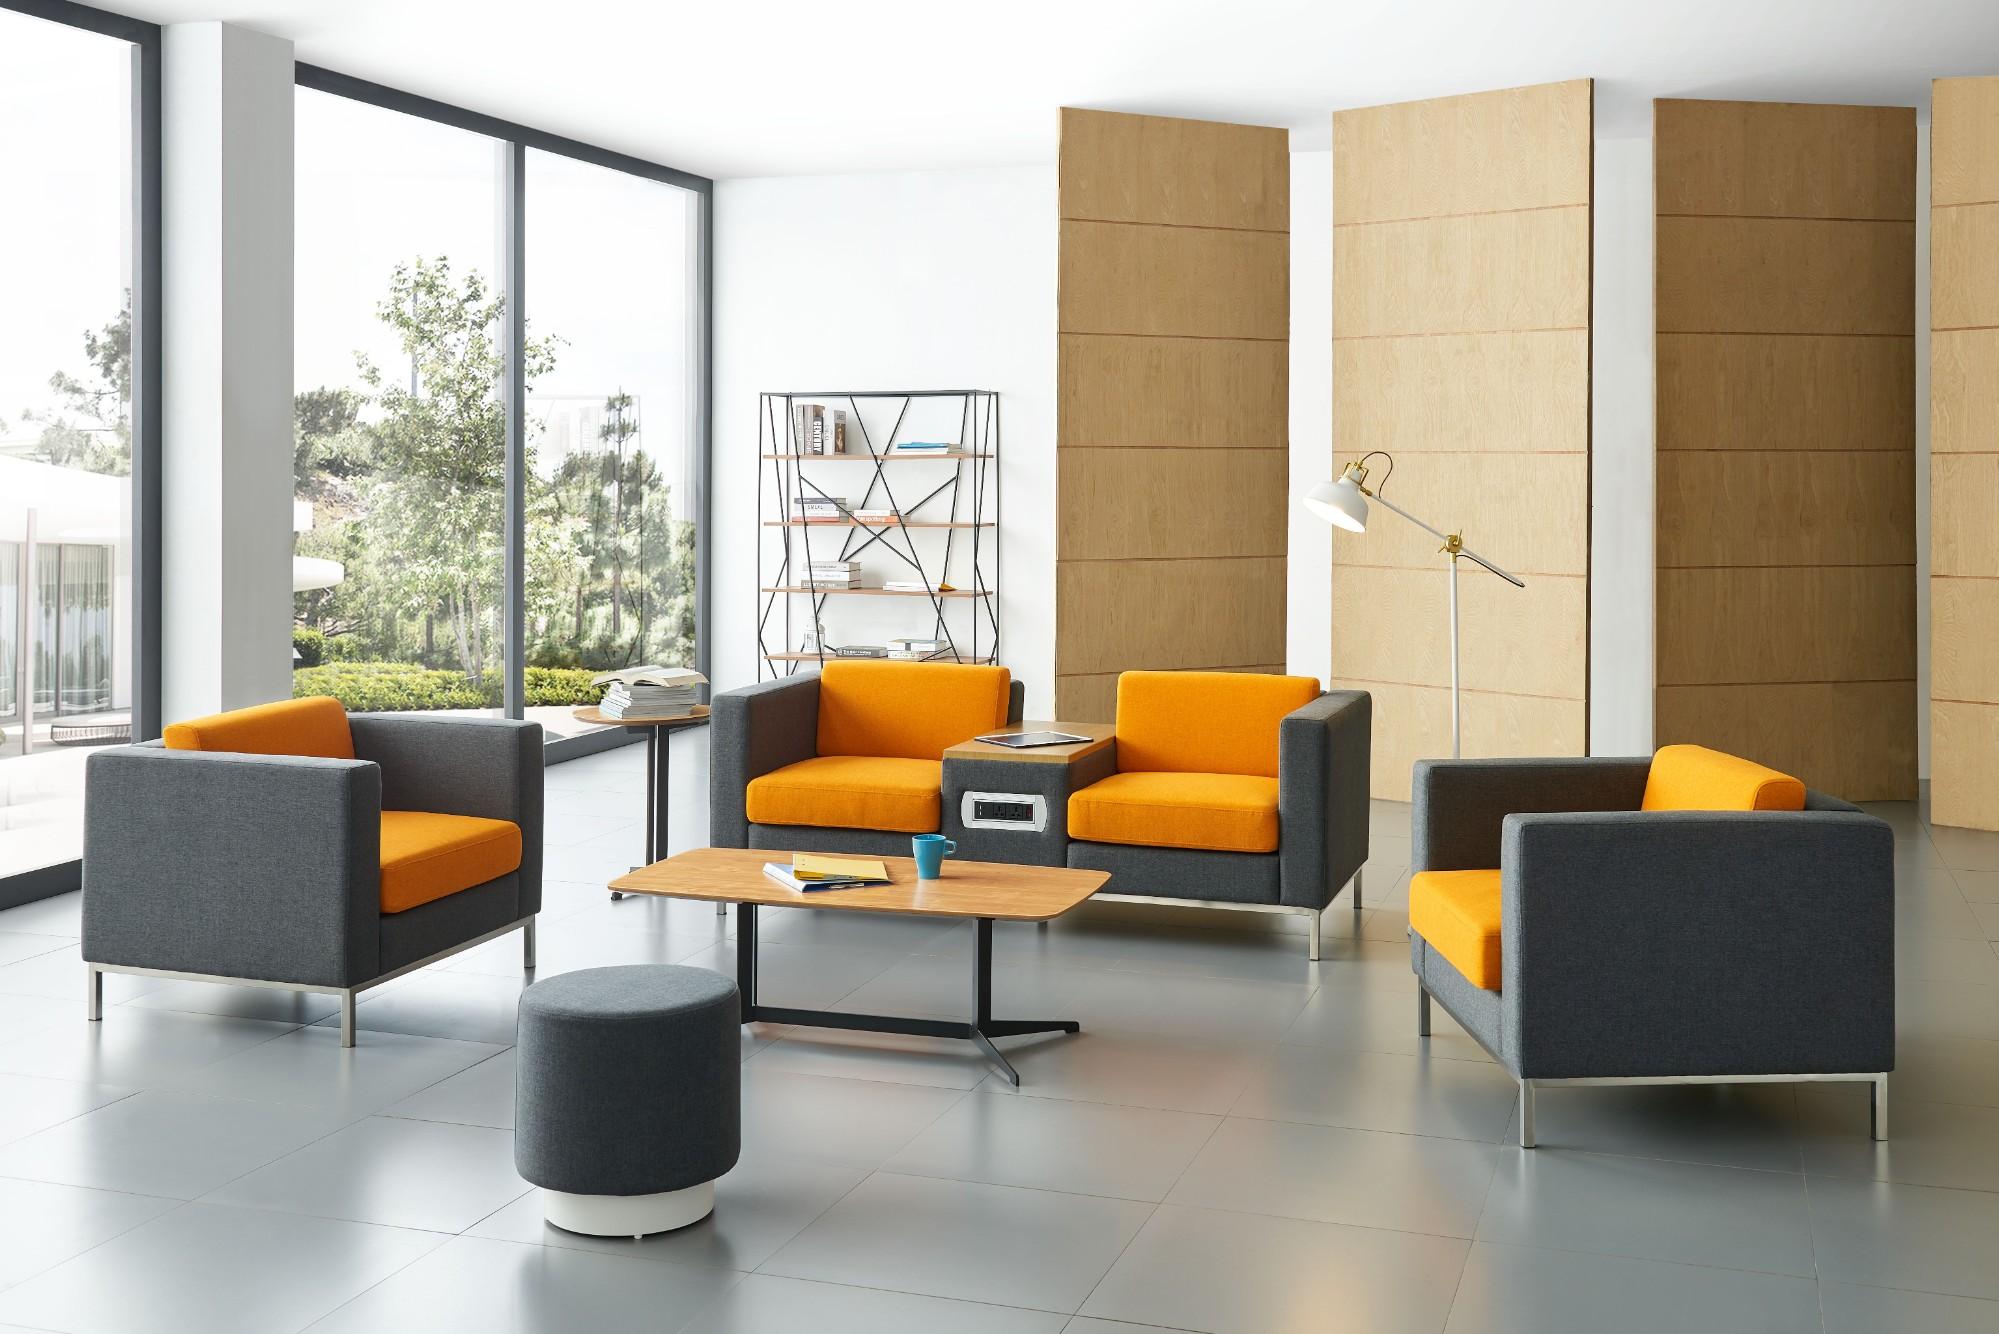 नॉर्डिक आधुनिक शैली के फर्नीचर